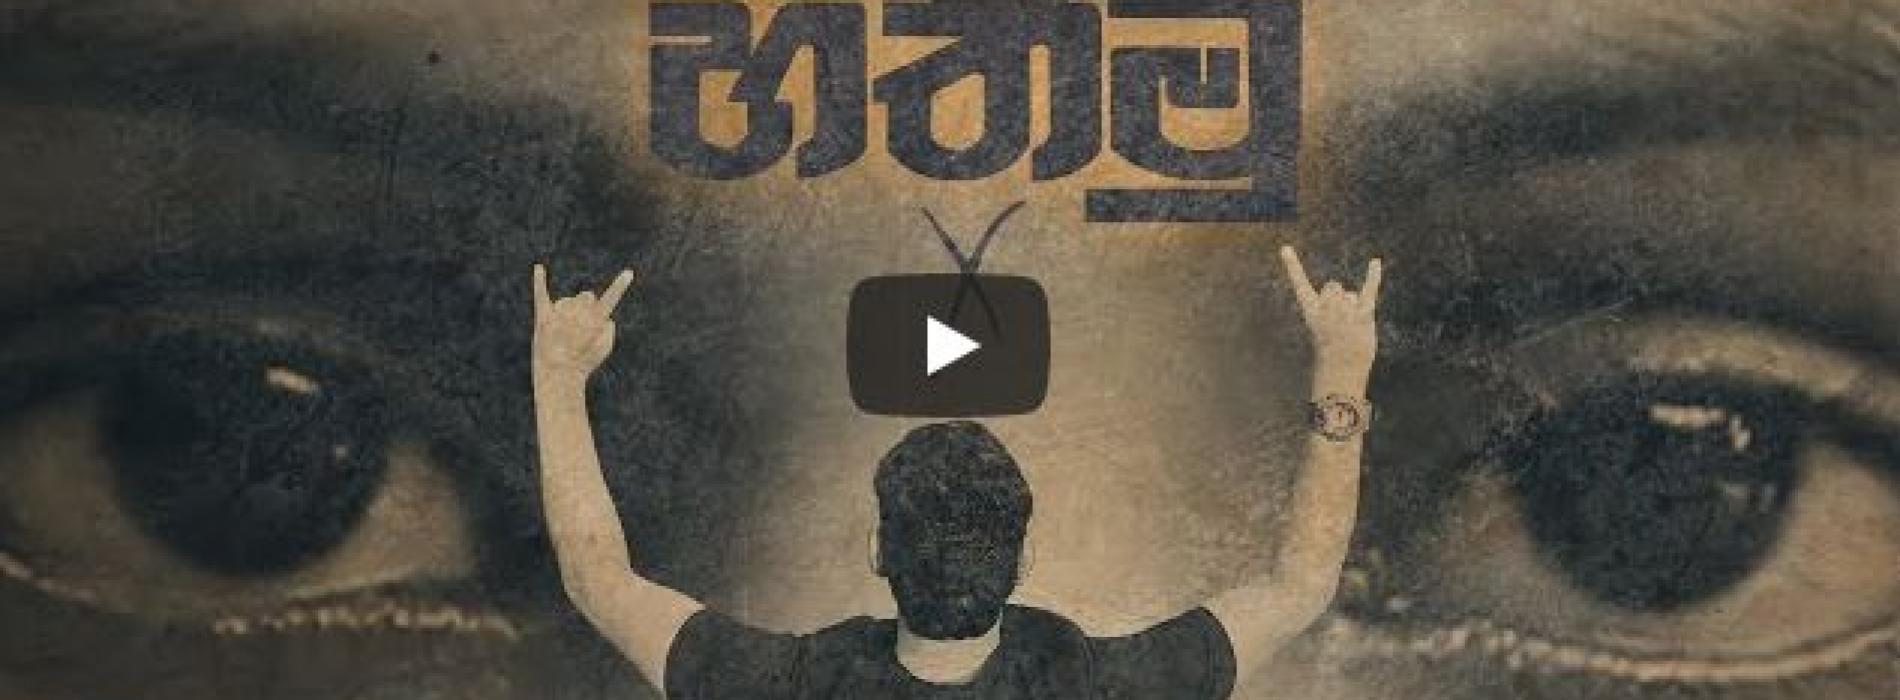 New Music : හිතමු (Hithamu) – Official Lyric Video | Milan Gunathilake